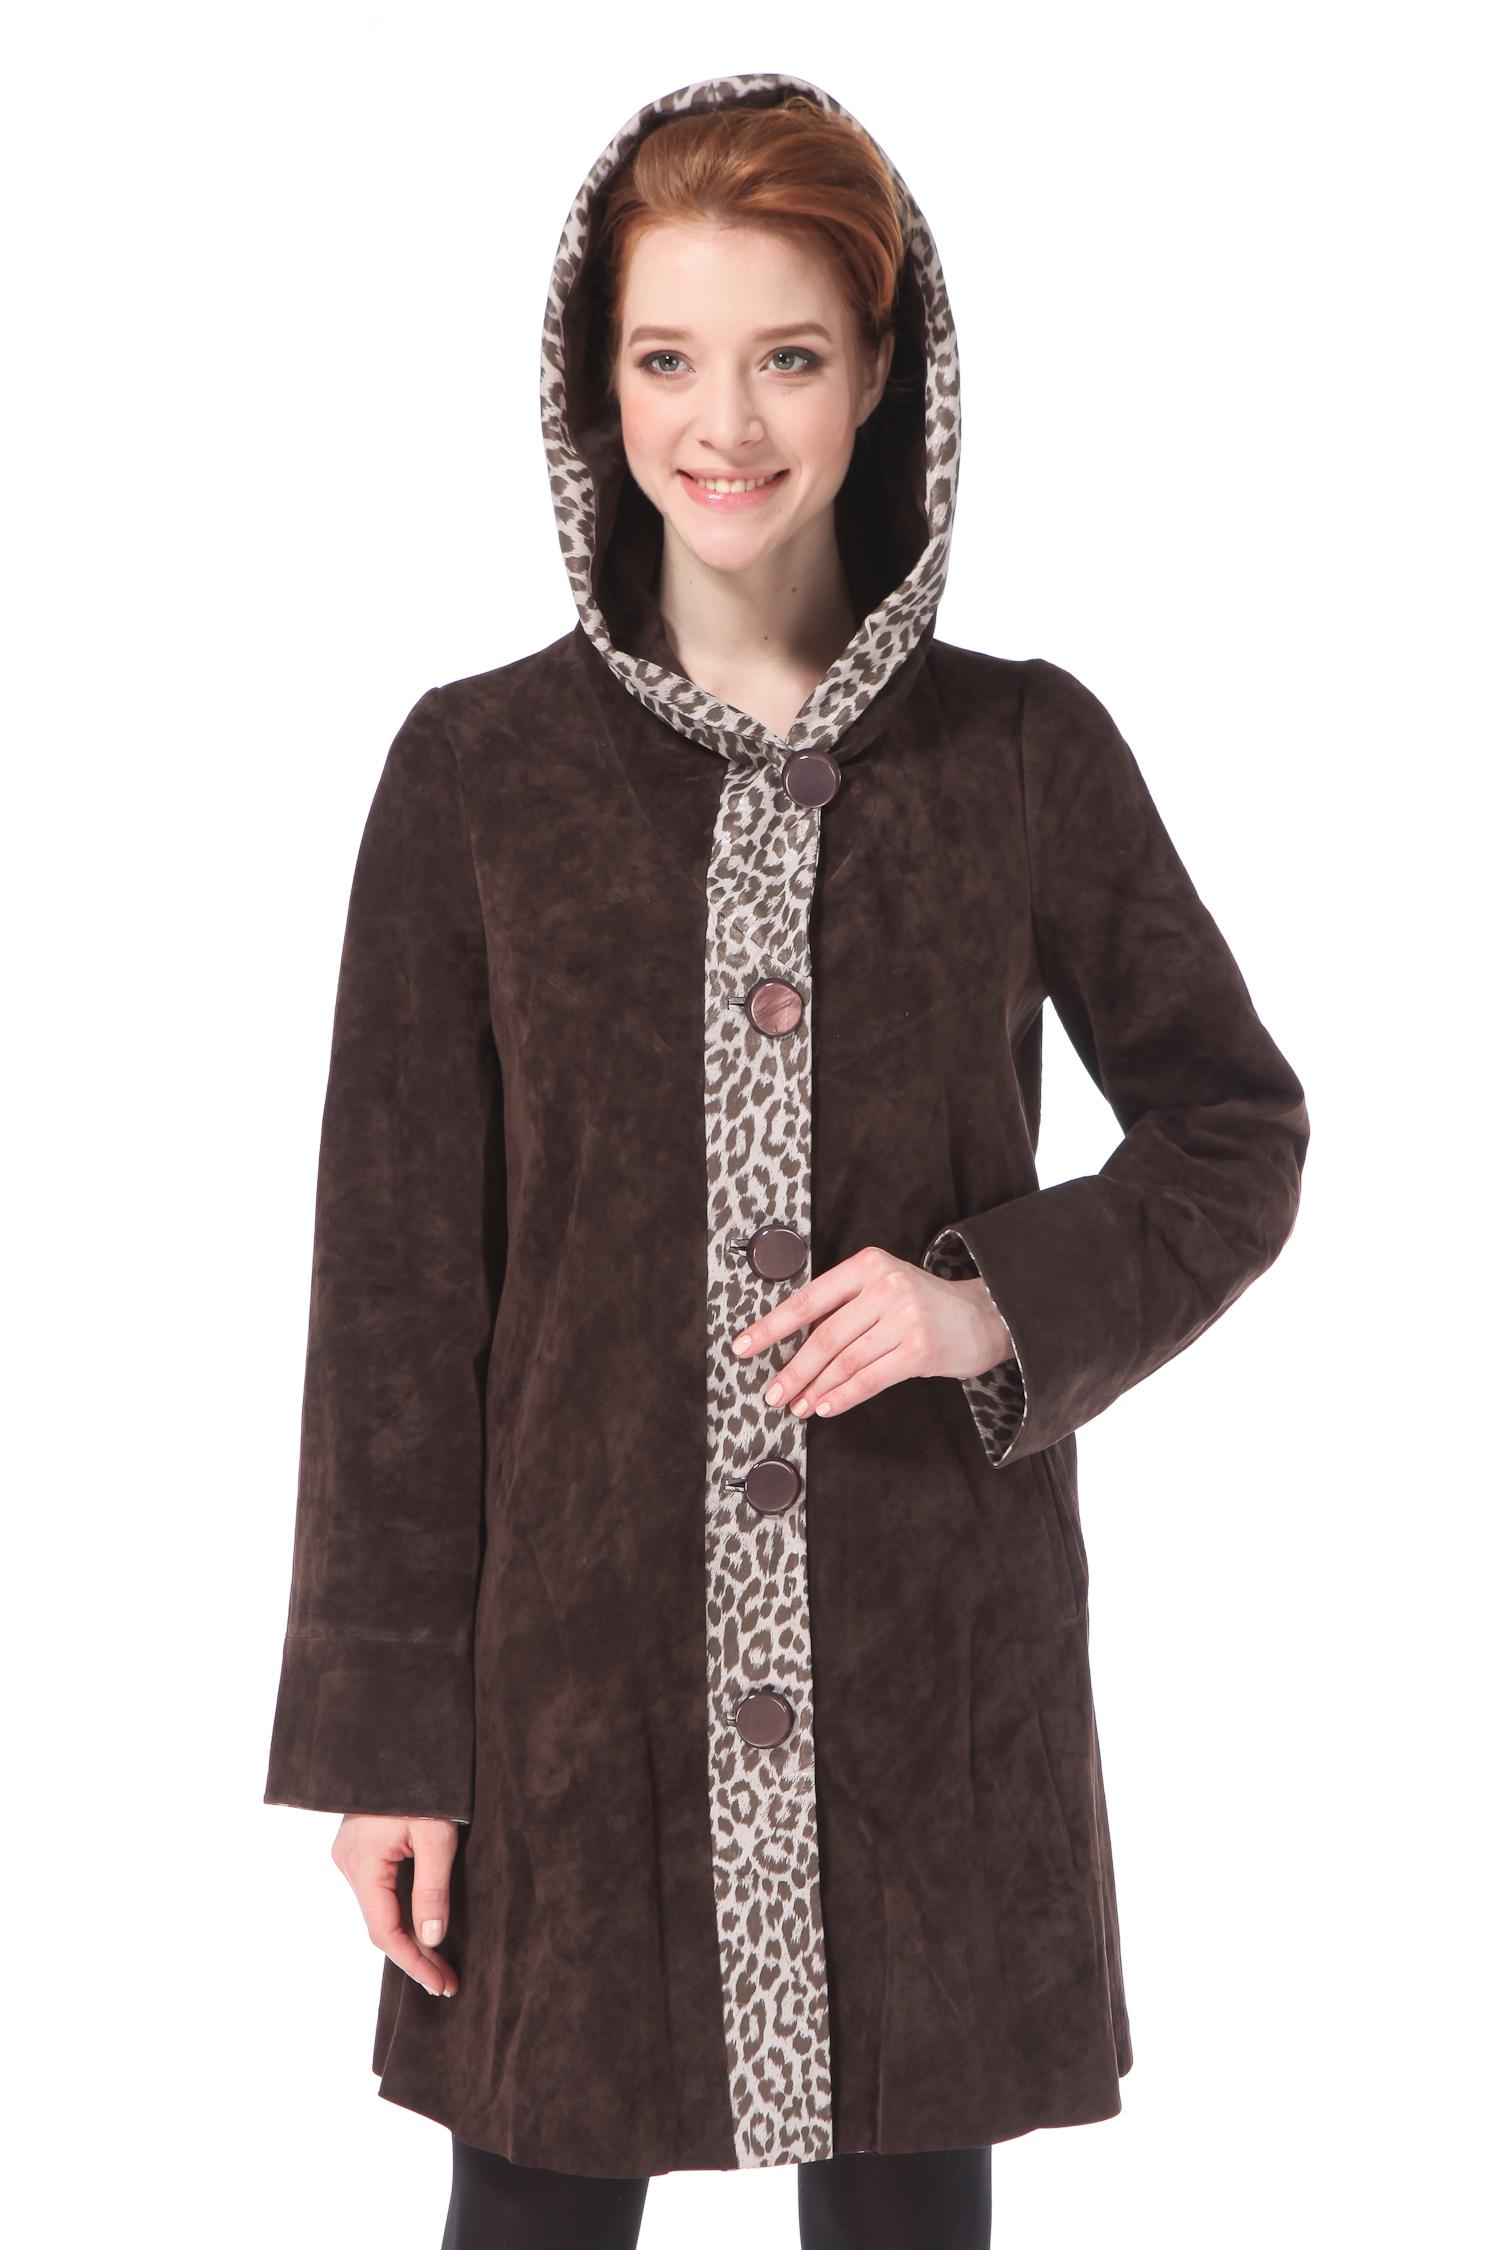 Женское кожаное пальто из натуральной замши с капюшоном, без отделки<br><br>Воротник: капюшон<br>Длина см: Длинная (свыше 90)<br>Материал: Замша<br>Цвет: коричневый<br>Застежка: на пуговицы<br>Пол: Женский<br>Размер RU: 50